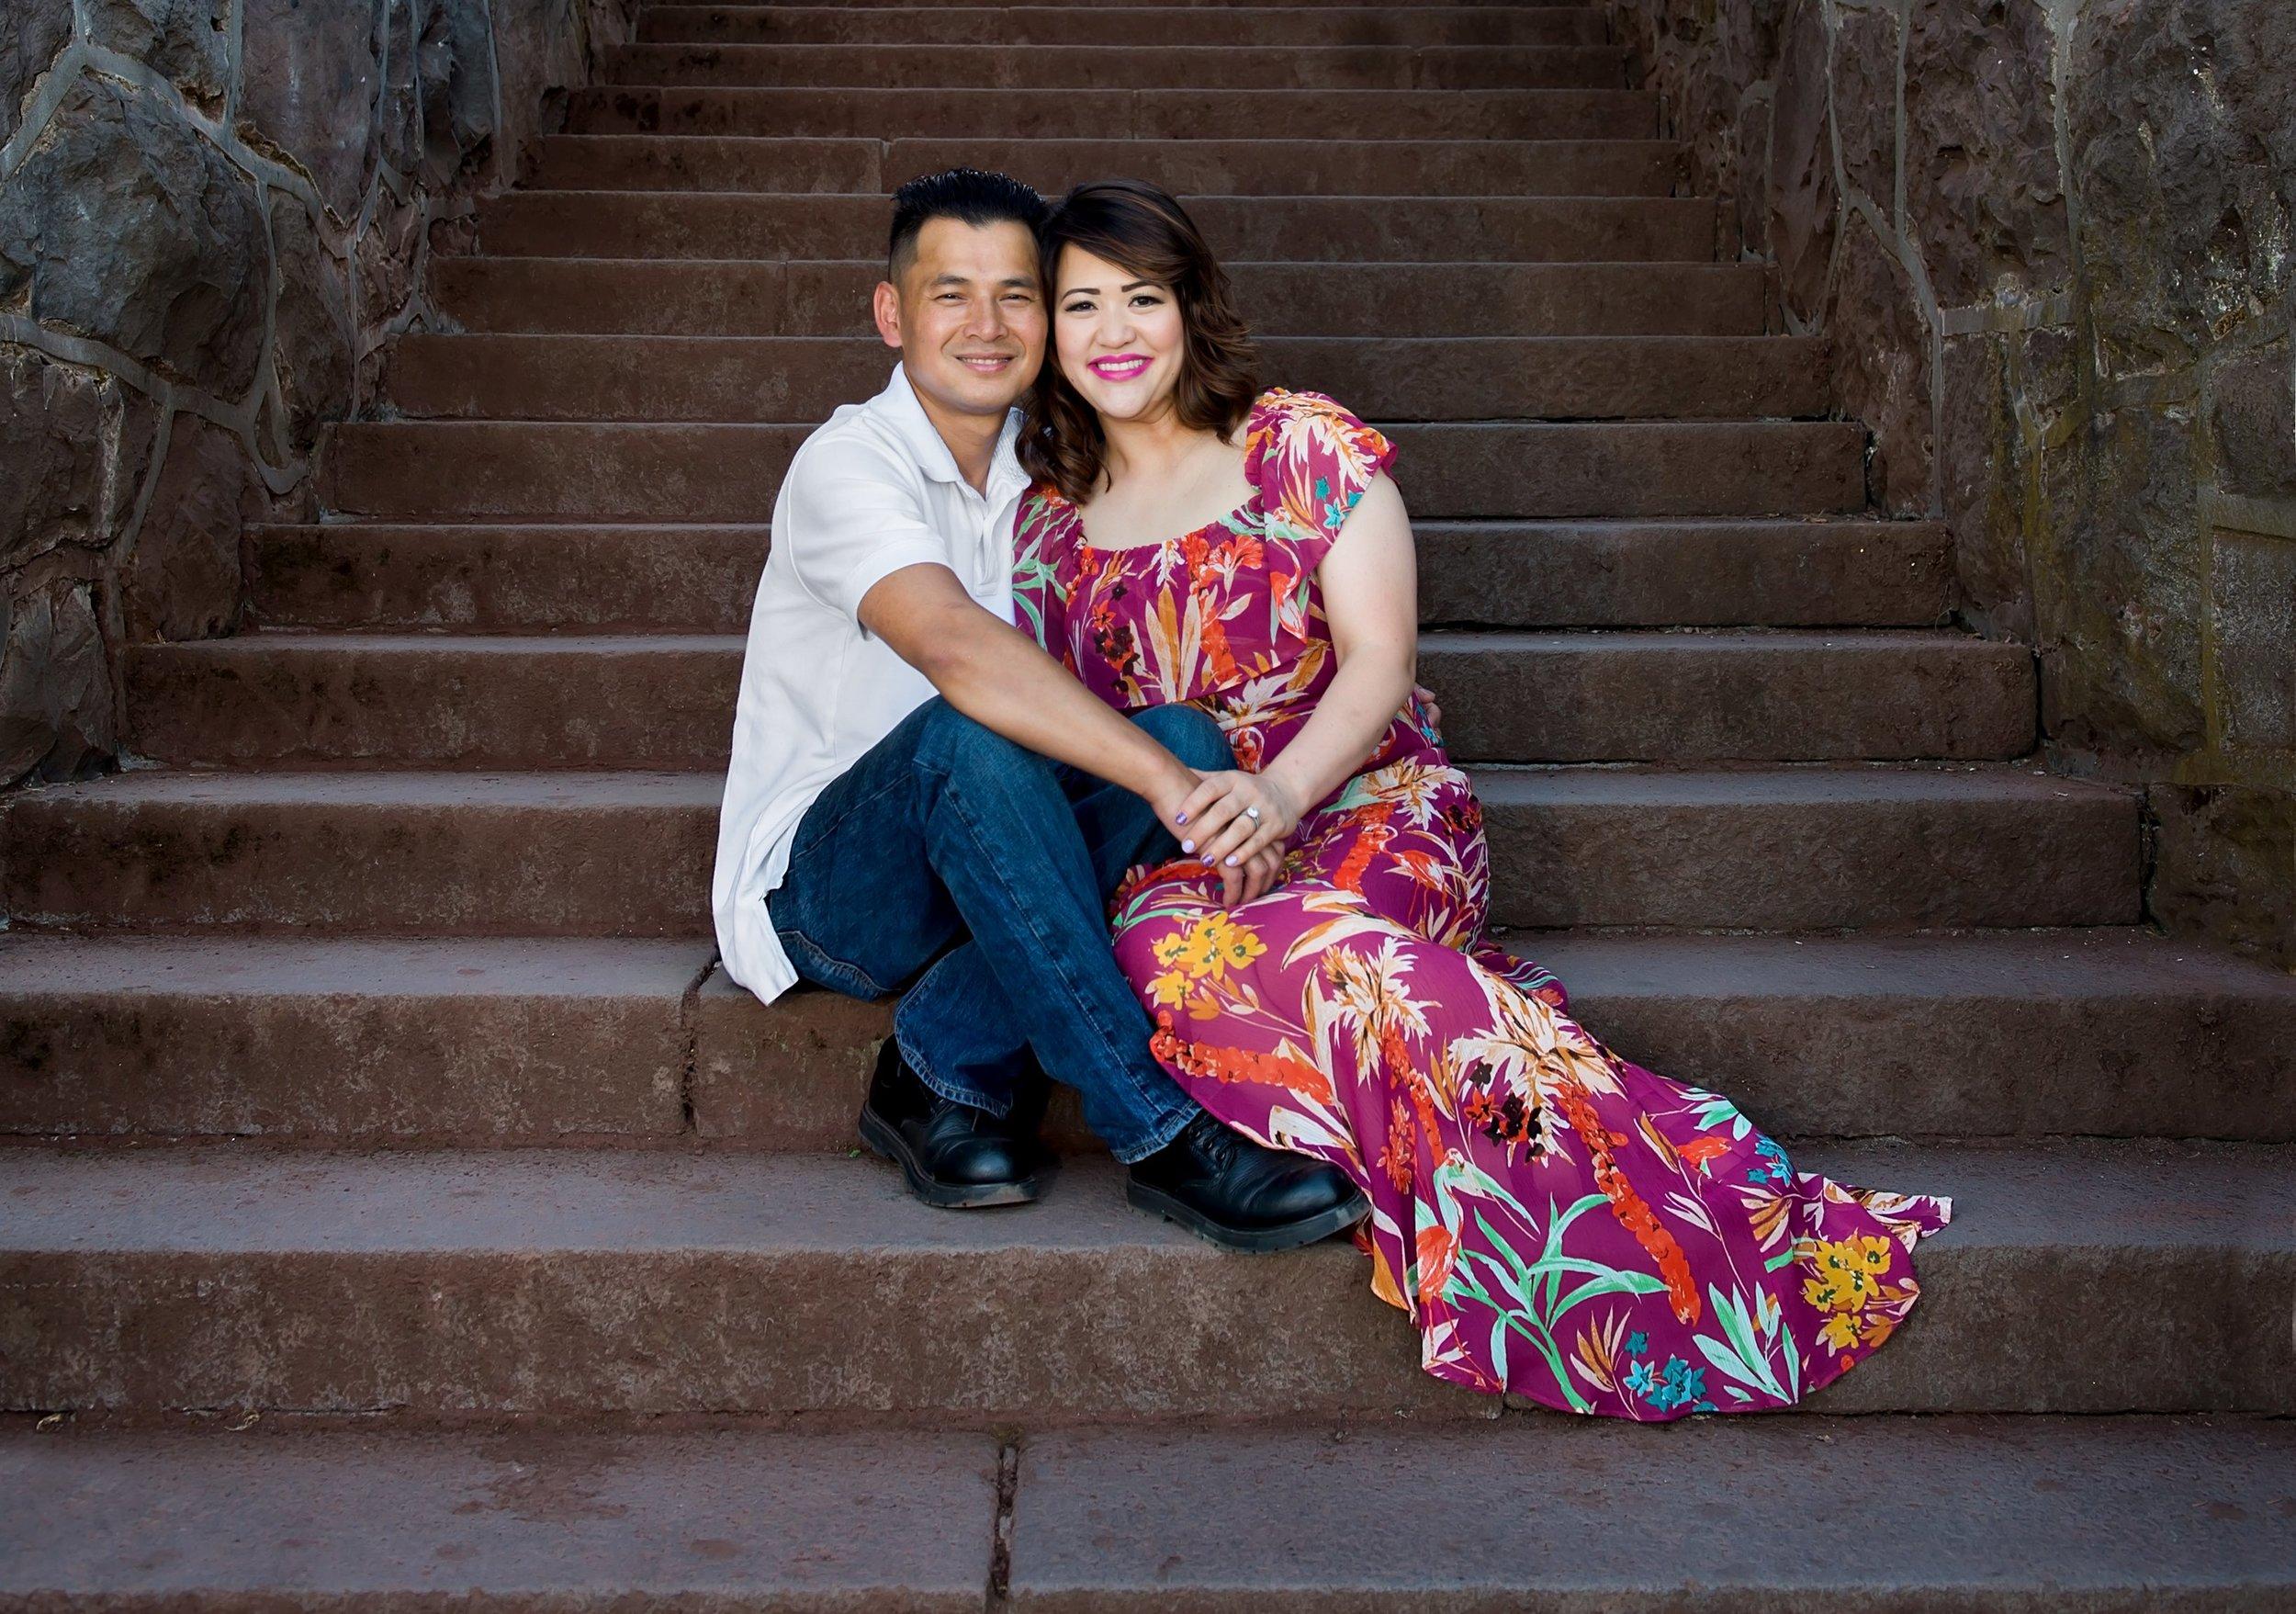 Penny Nguyen and Boun Saribout - Nathaniel Barber Blog